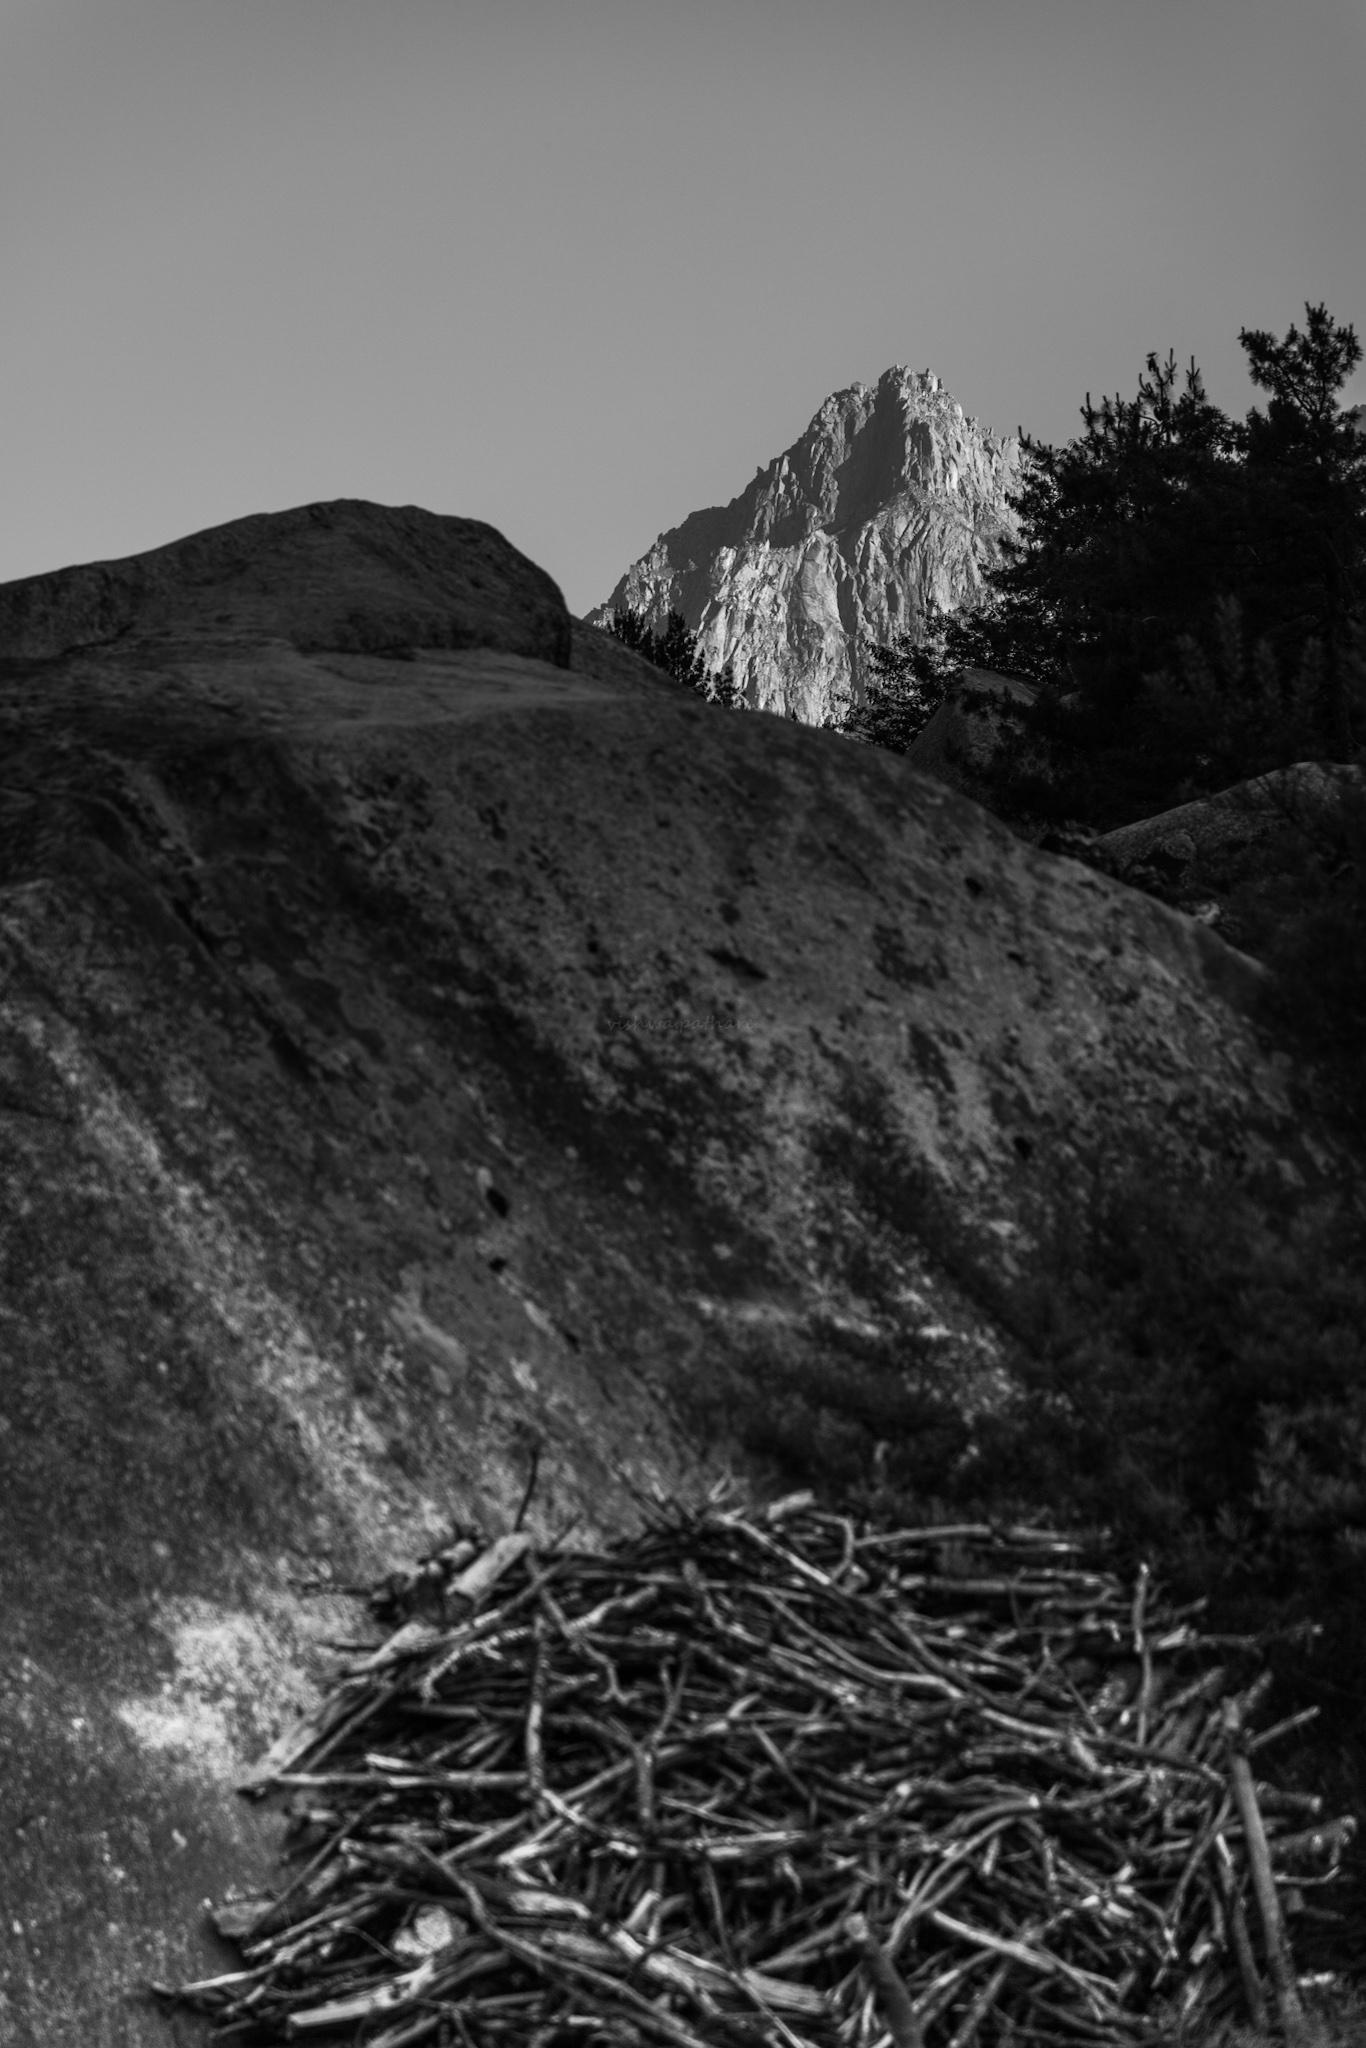 Peeking Mountain Peak